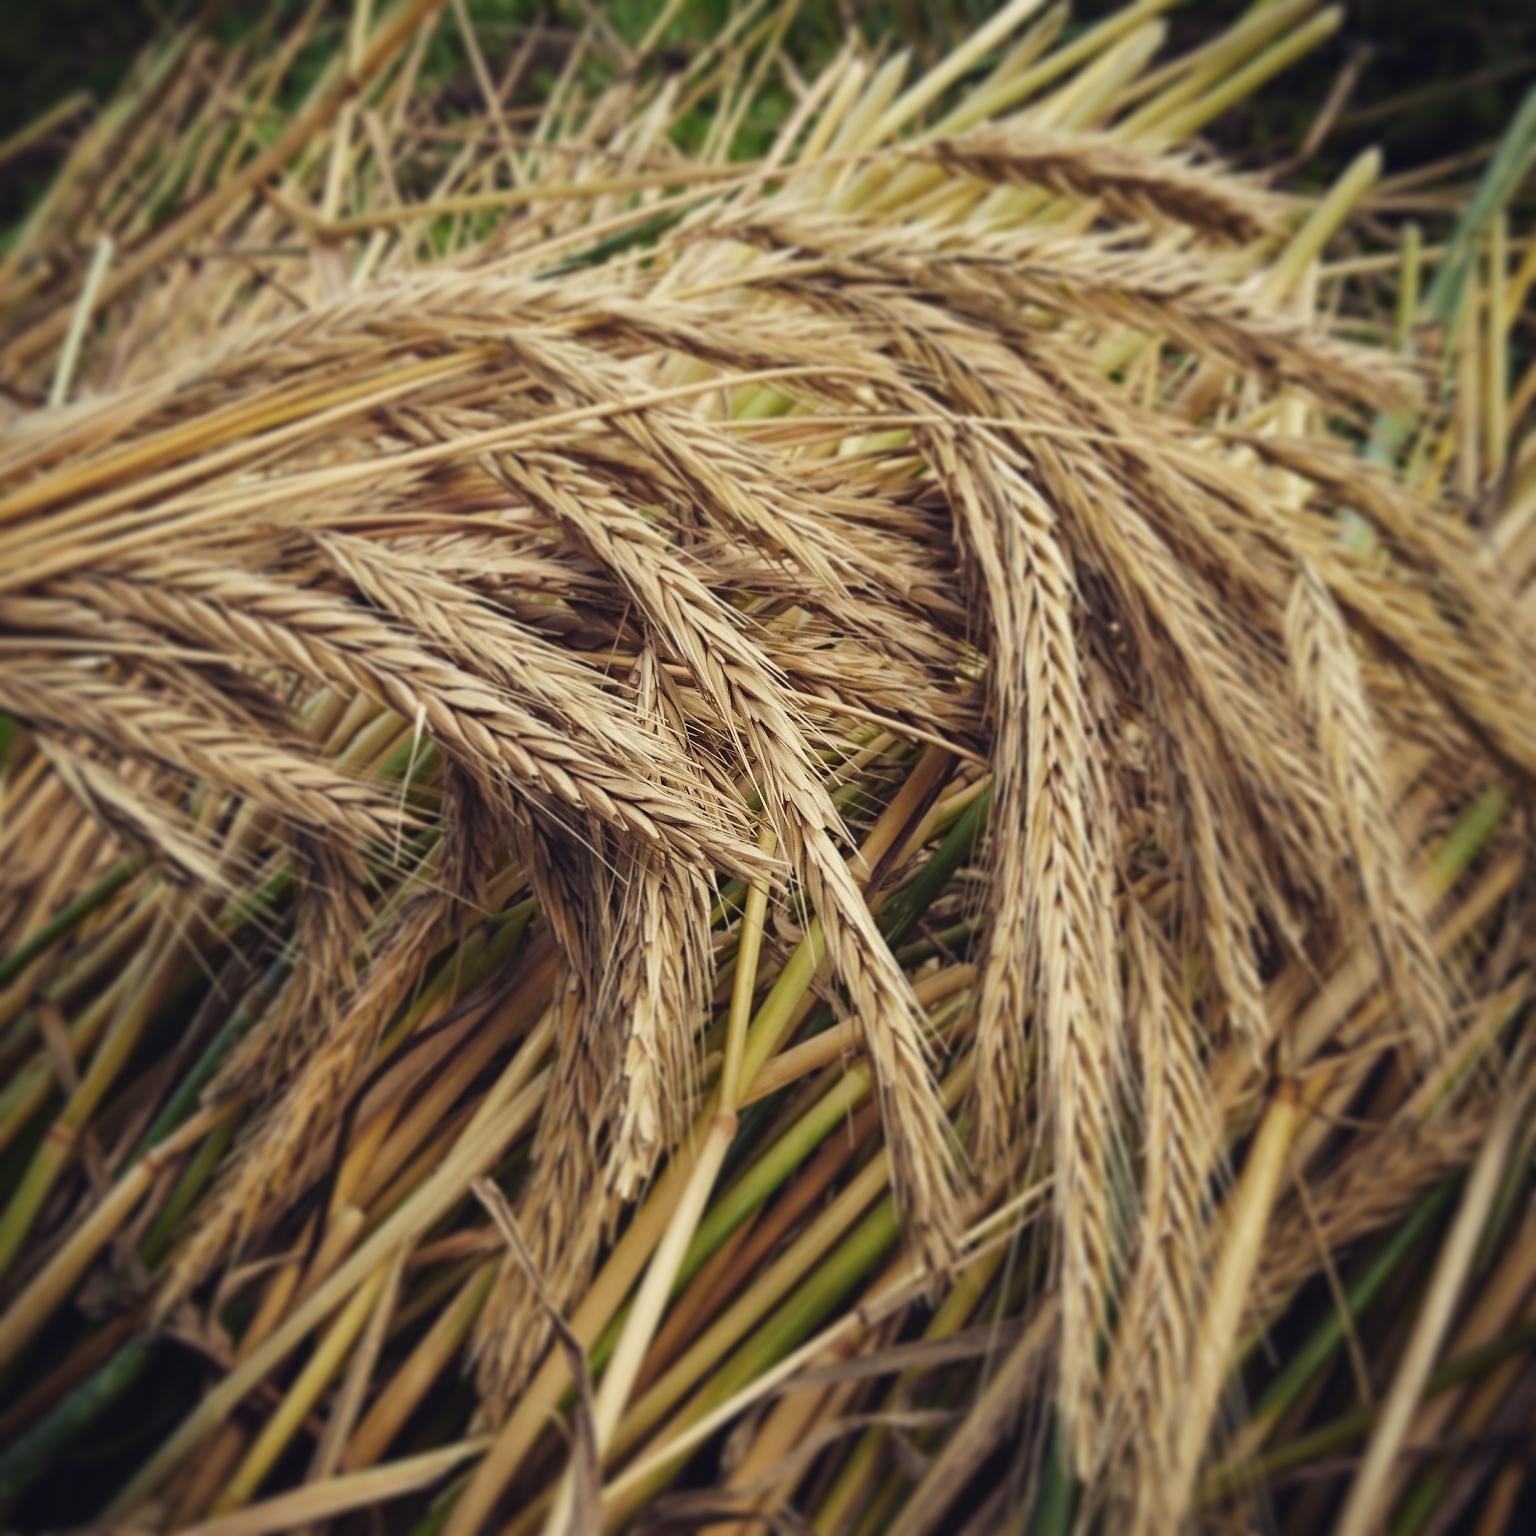 無施肥・無農薬。自然栽培でライ麦を育ててみた。vol.1